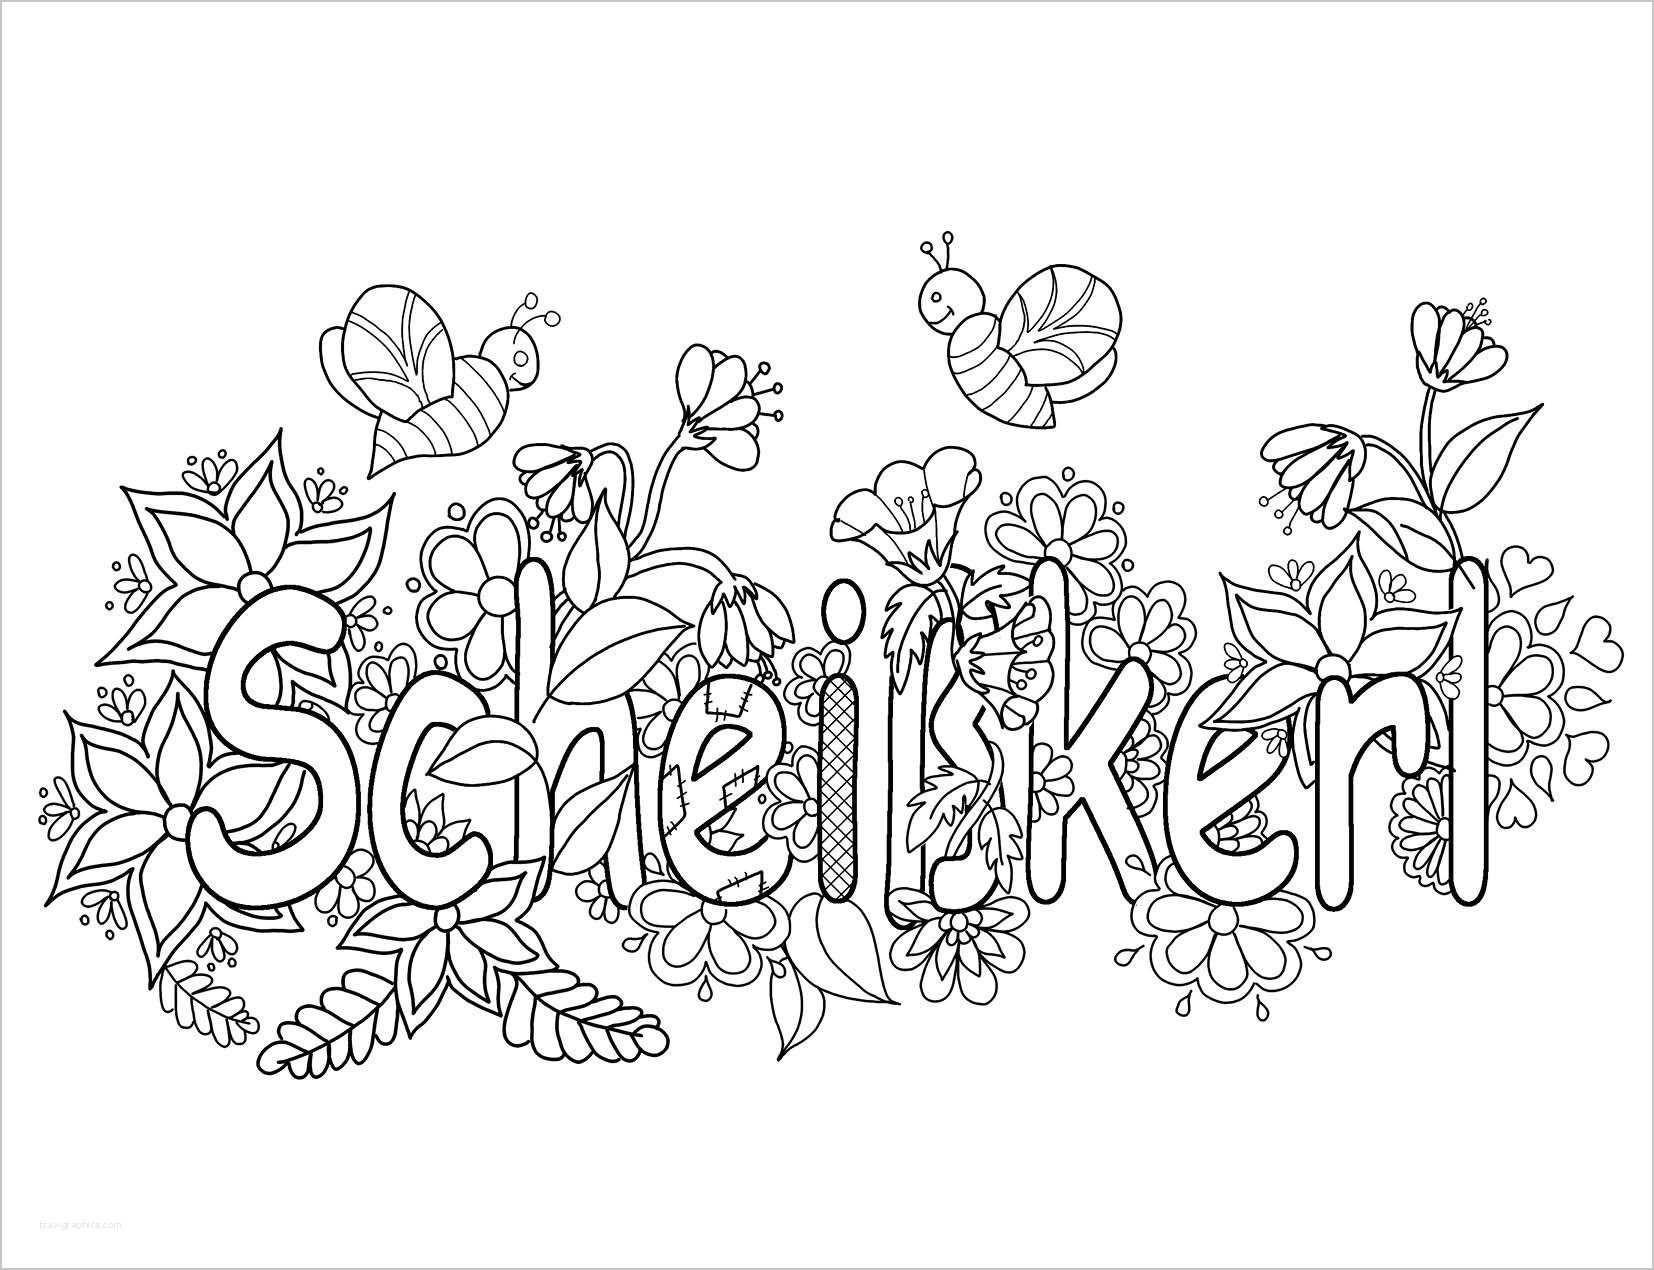 Disney Ausmalbilder Für Erwachsene Genial Ausmalbilder Mandala Blumen Das Bild